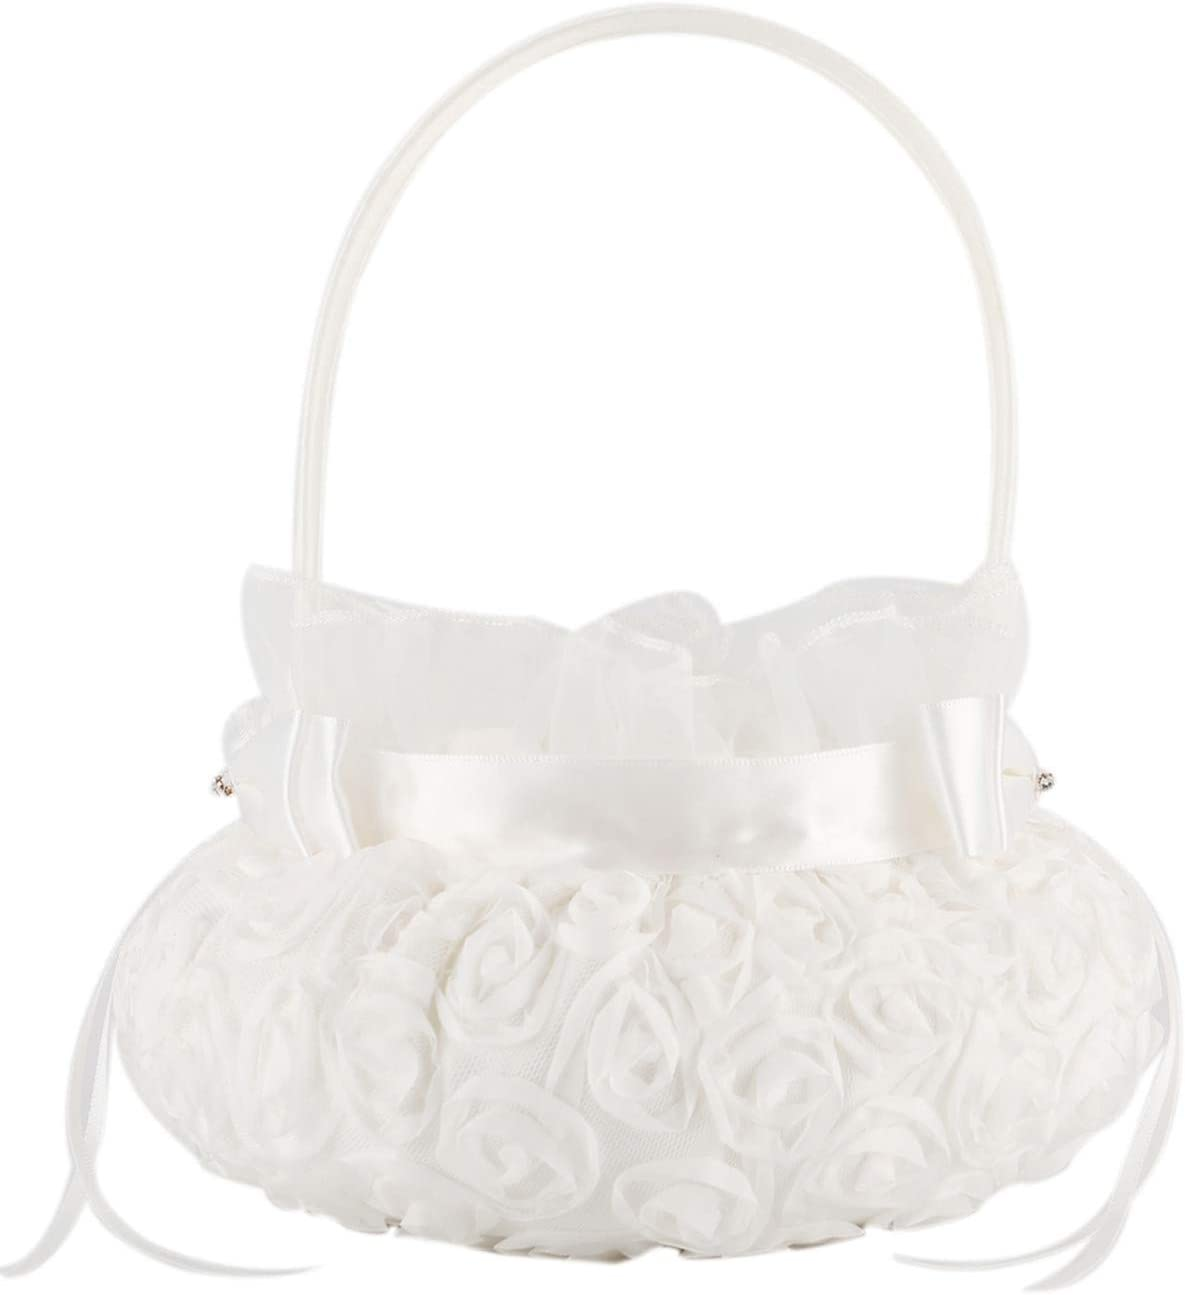 black flower basket black wedding gift basket ideas unique flower girl basket for wedding lace basket wedding ideas flower girl basket white